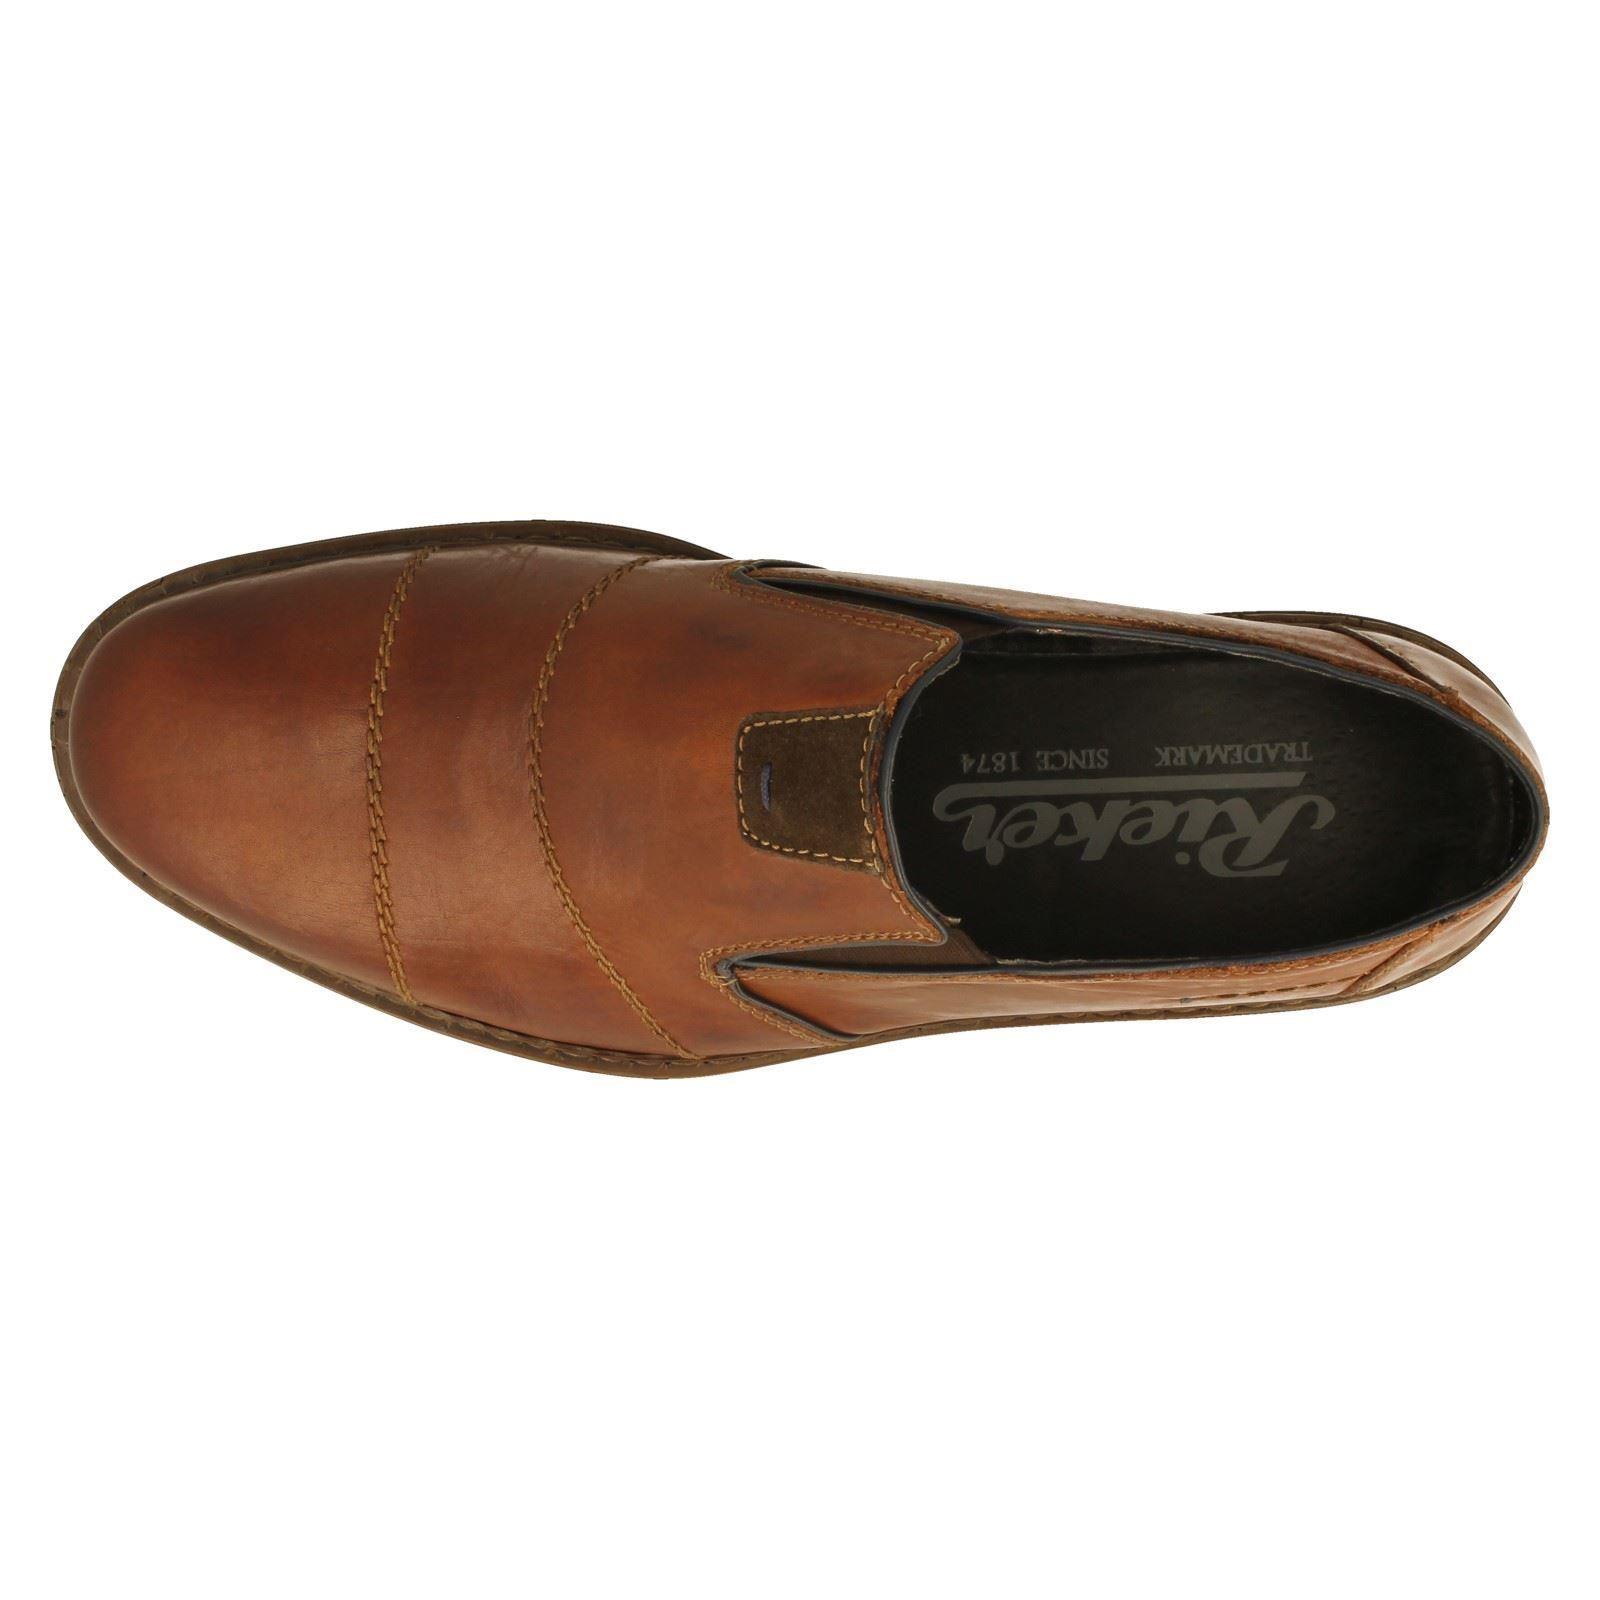 Mens Rieker Rieker Mens Shoes The Style 17661-W ac1c96